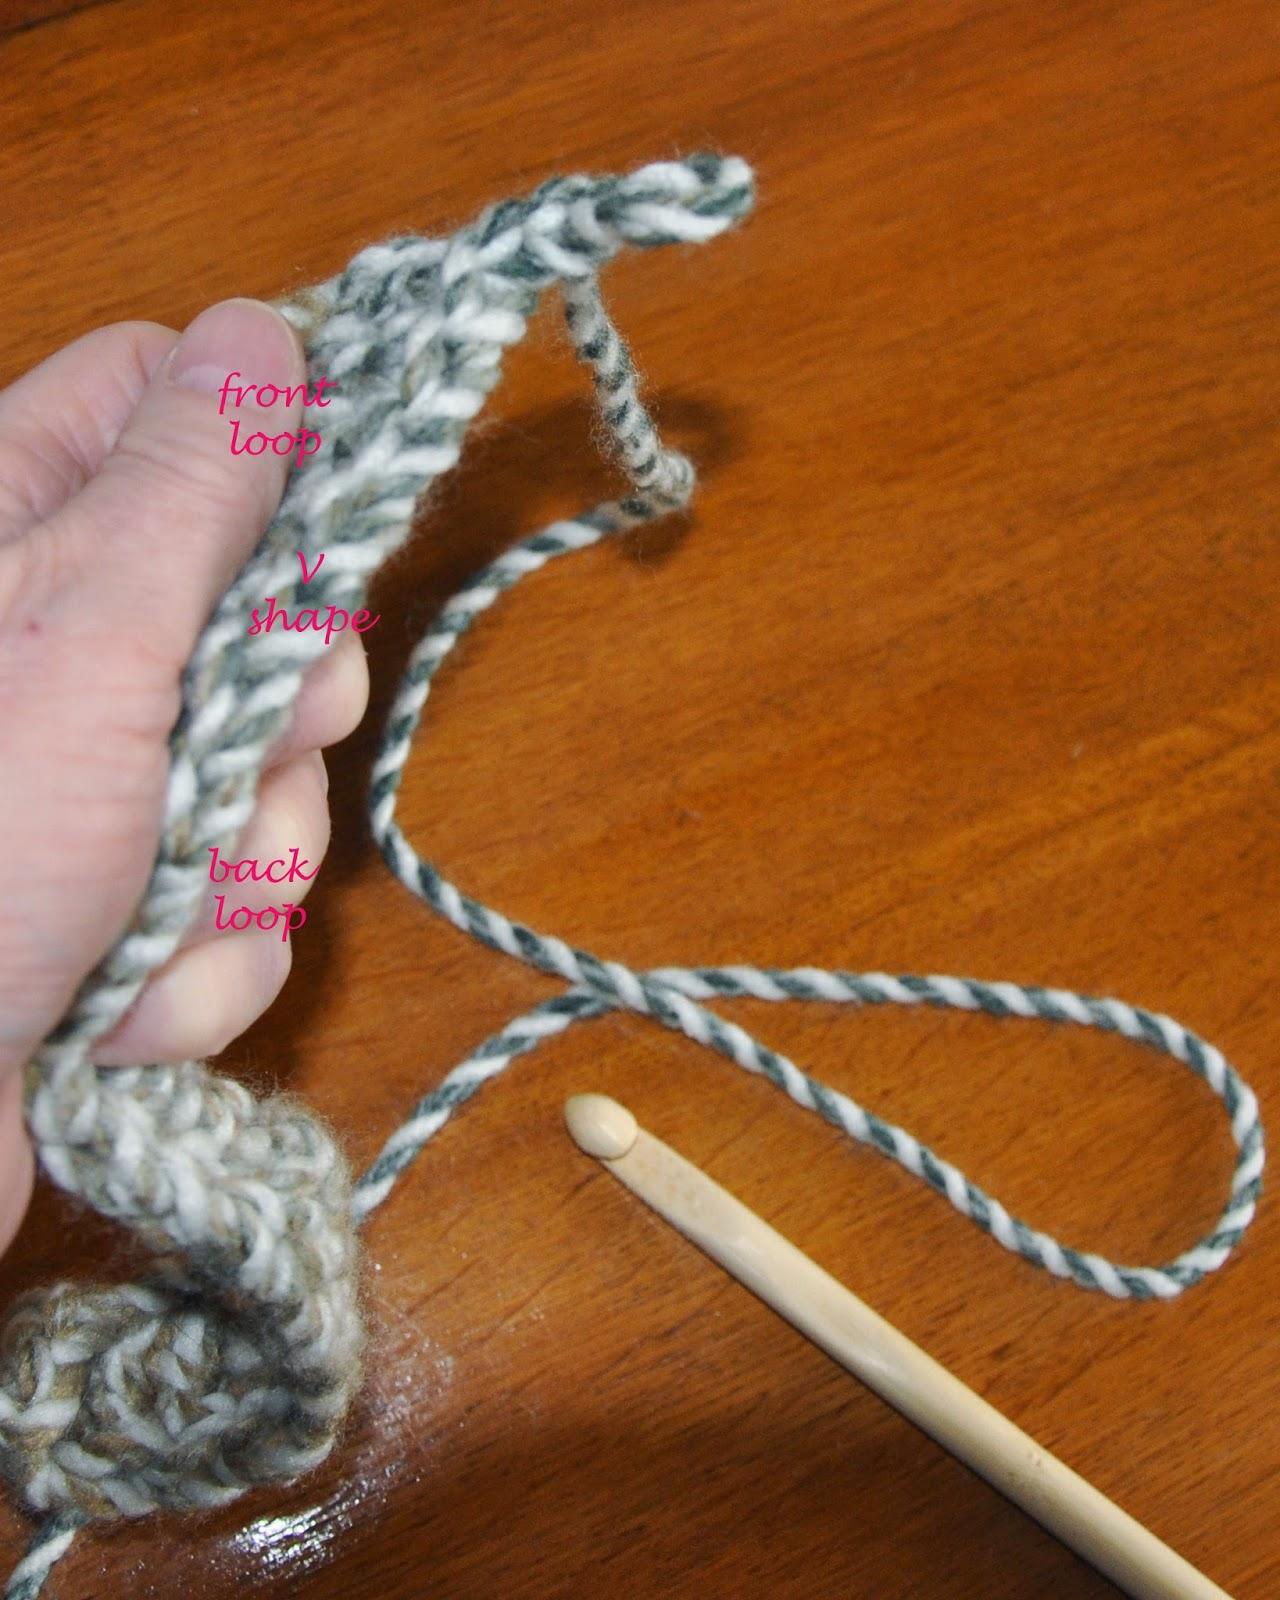 identifying loops in crochet